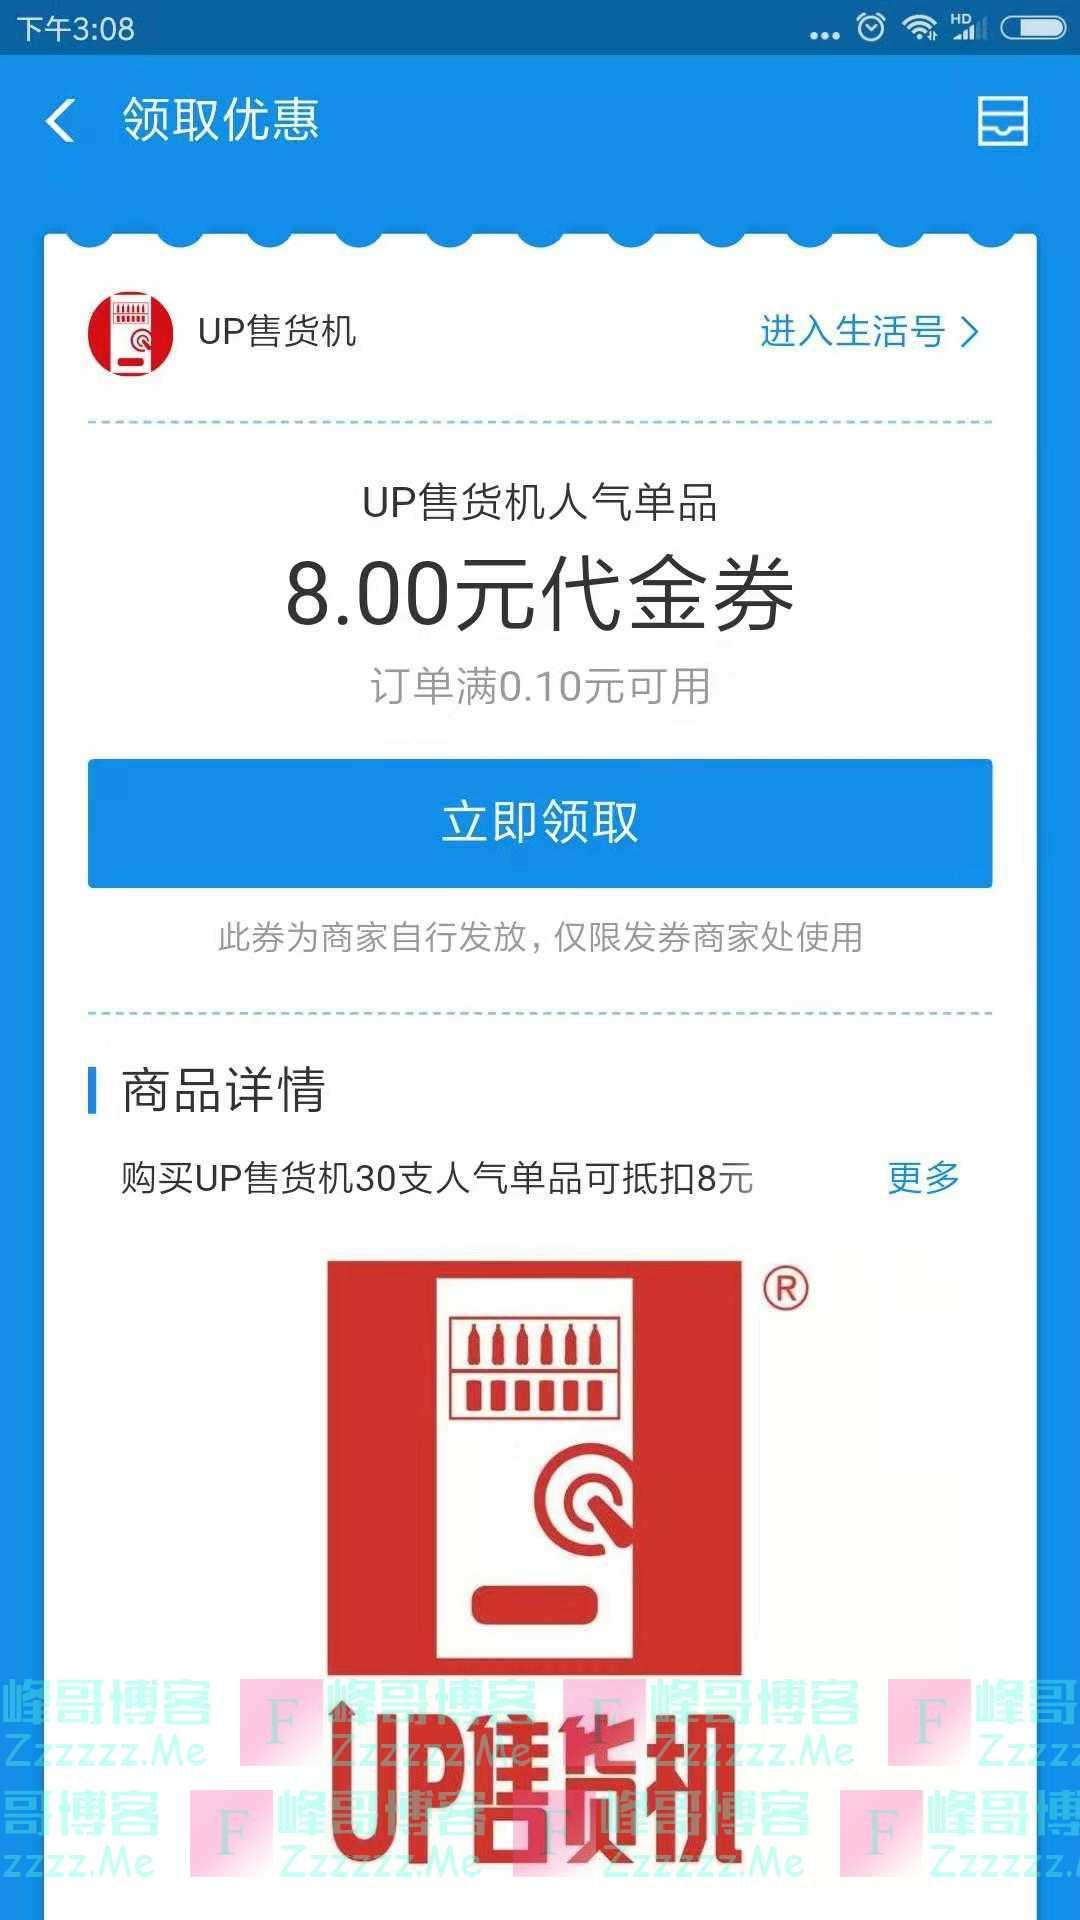 UP售货机8元支付宝代金券(截止12月11日)